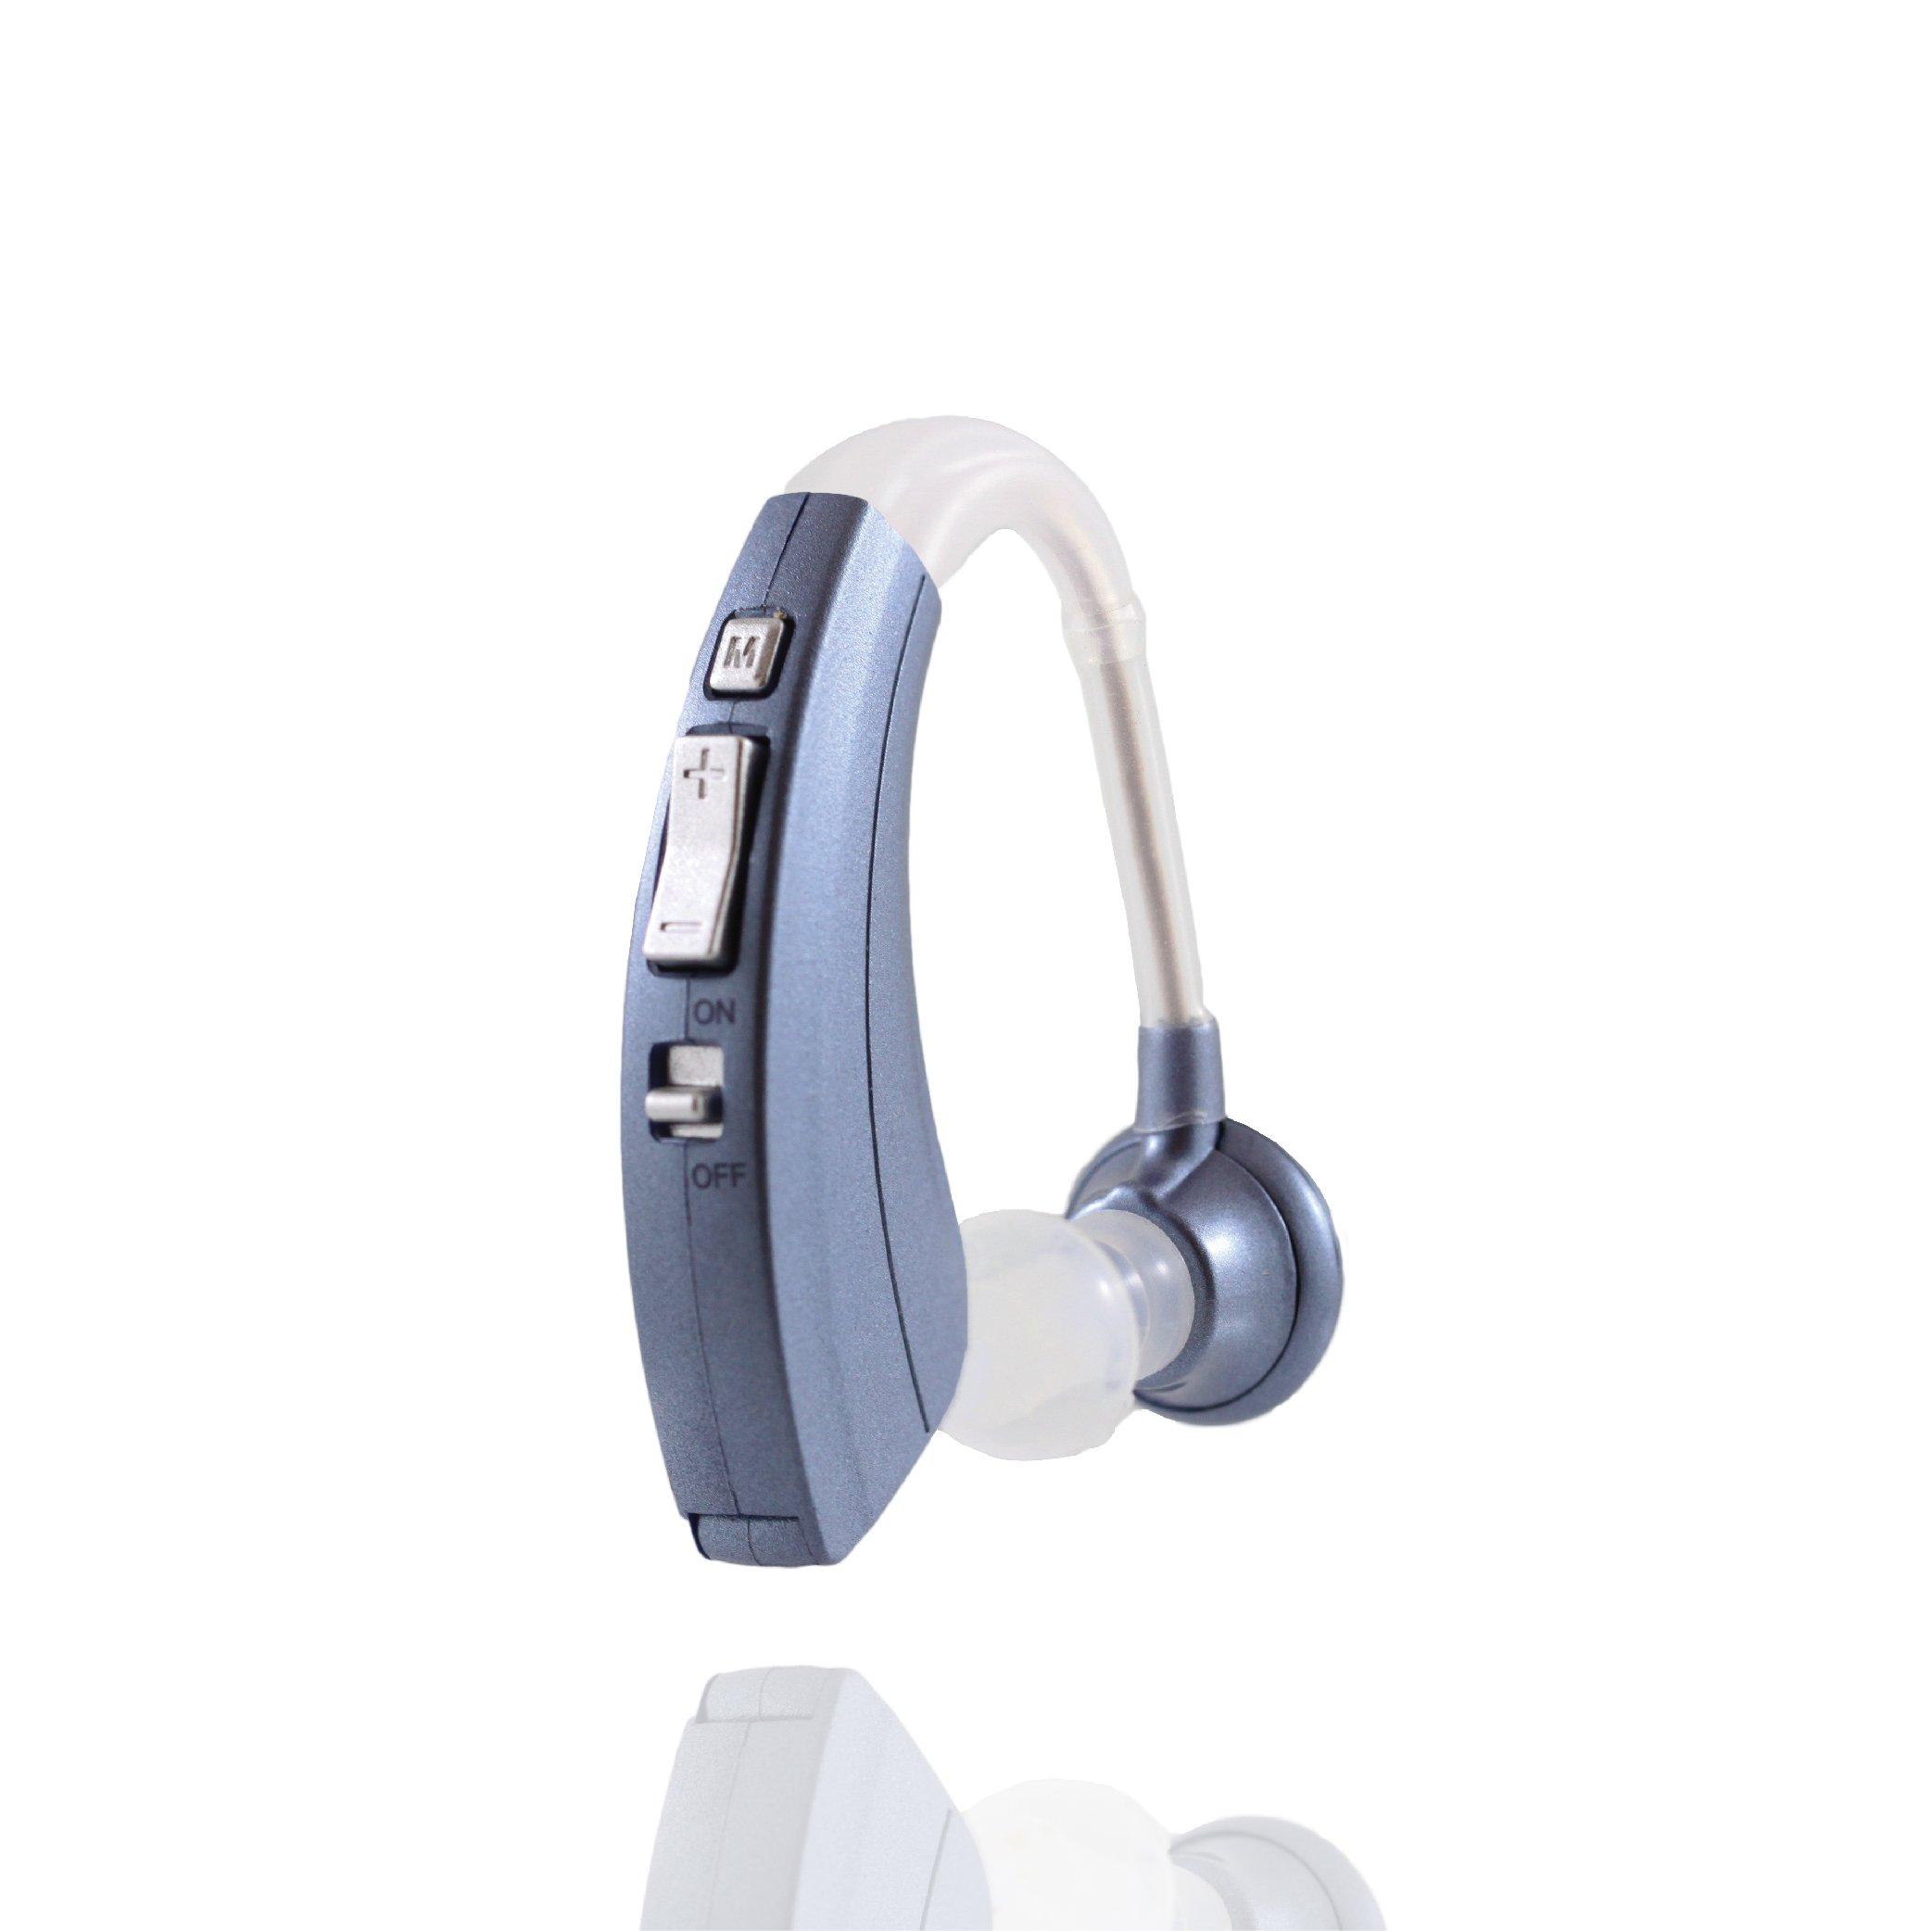 Digital Hearing Amplifier 220-B, Lowest Price, Longest Lasting, 12 Month Warranty (1)